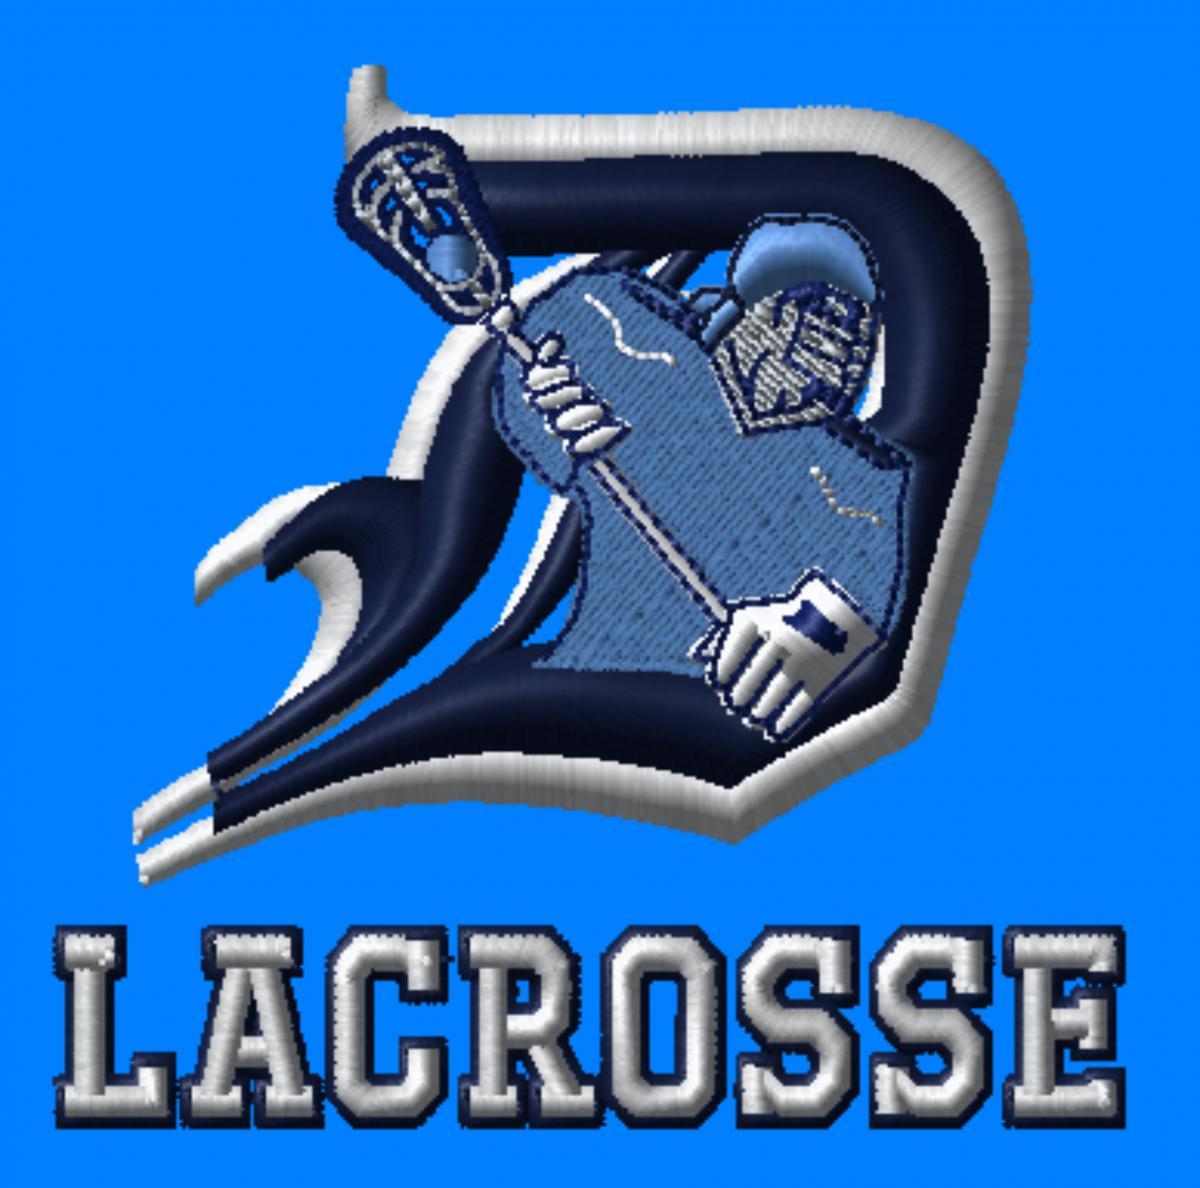 Lacrosse_0.jpg